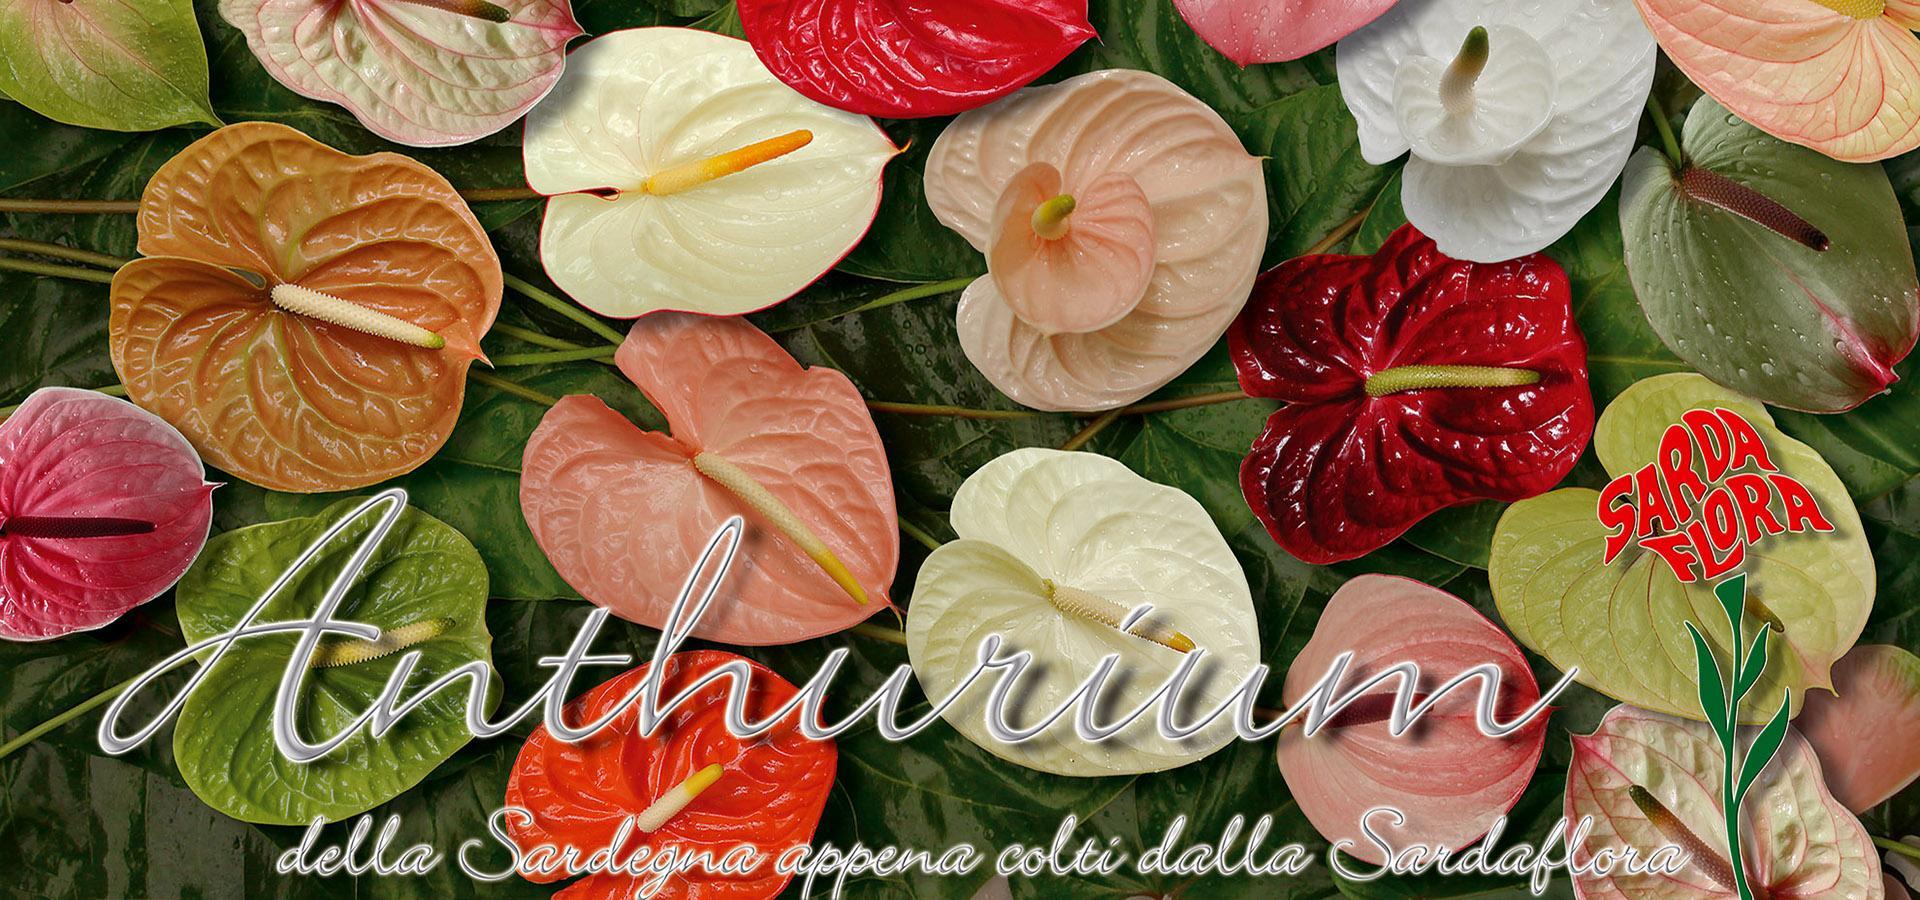 Sardaflora, Fiori Recisi e appena colti Decimomannu